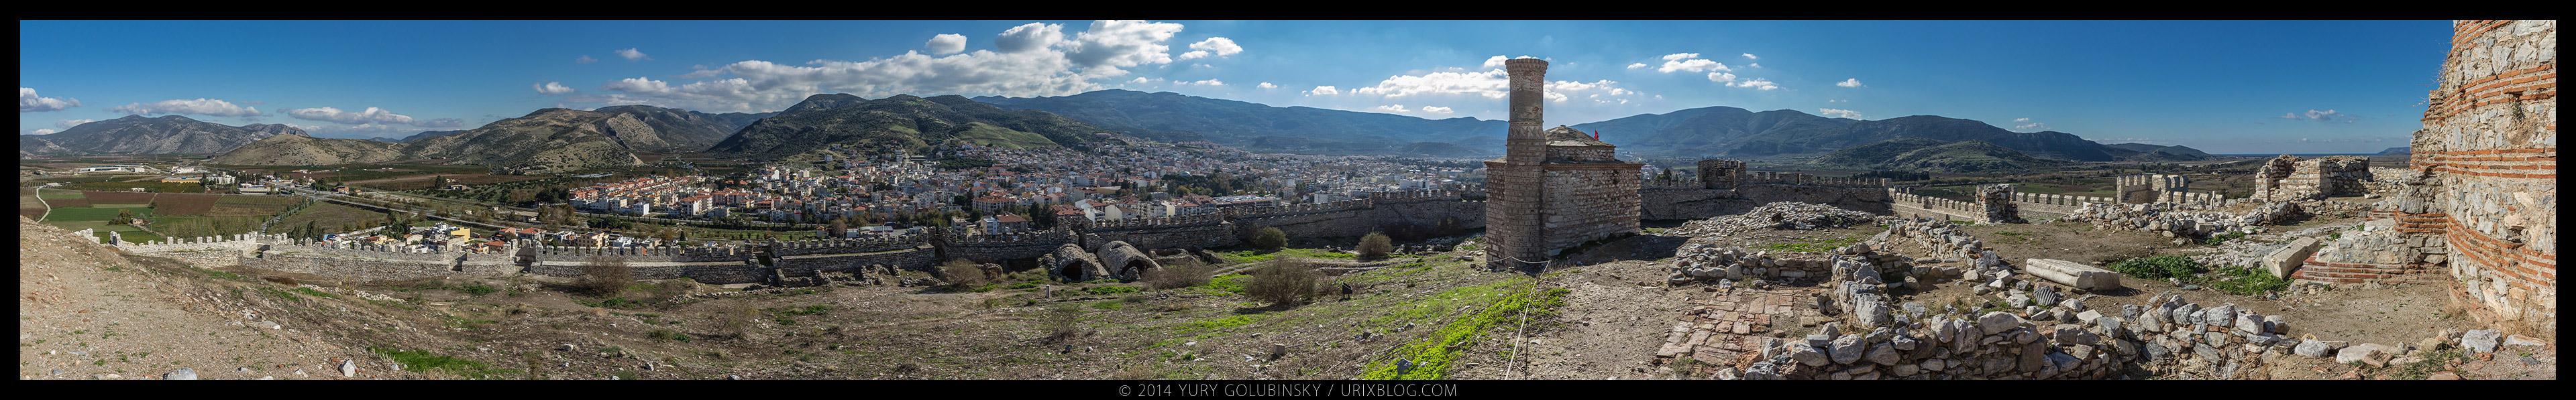 Аясулук, Айасулук, крепость, замок, холм, Эгейское море, Сельчук, Измир, Турция, старинный, средневековый, руины, раскопки, панорама, 2014